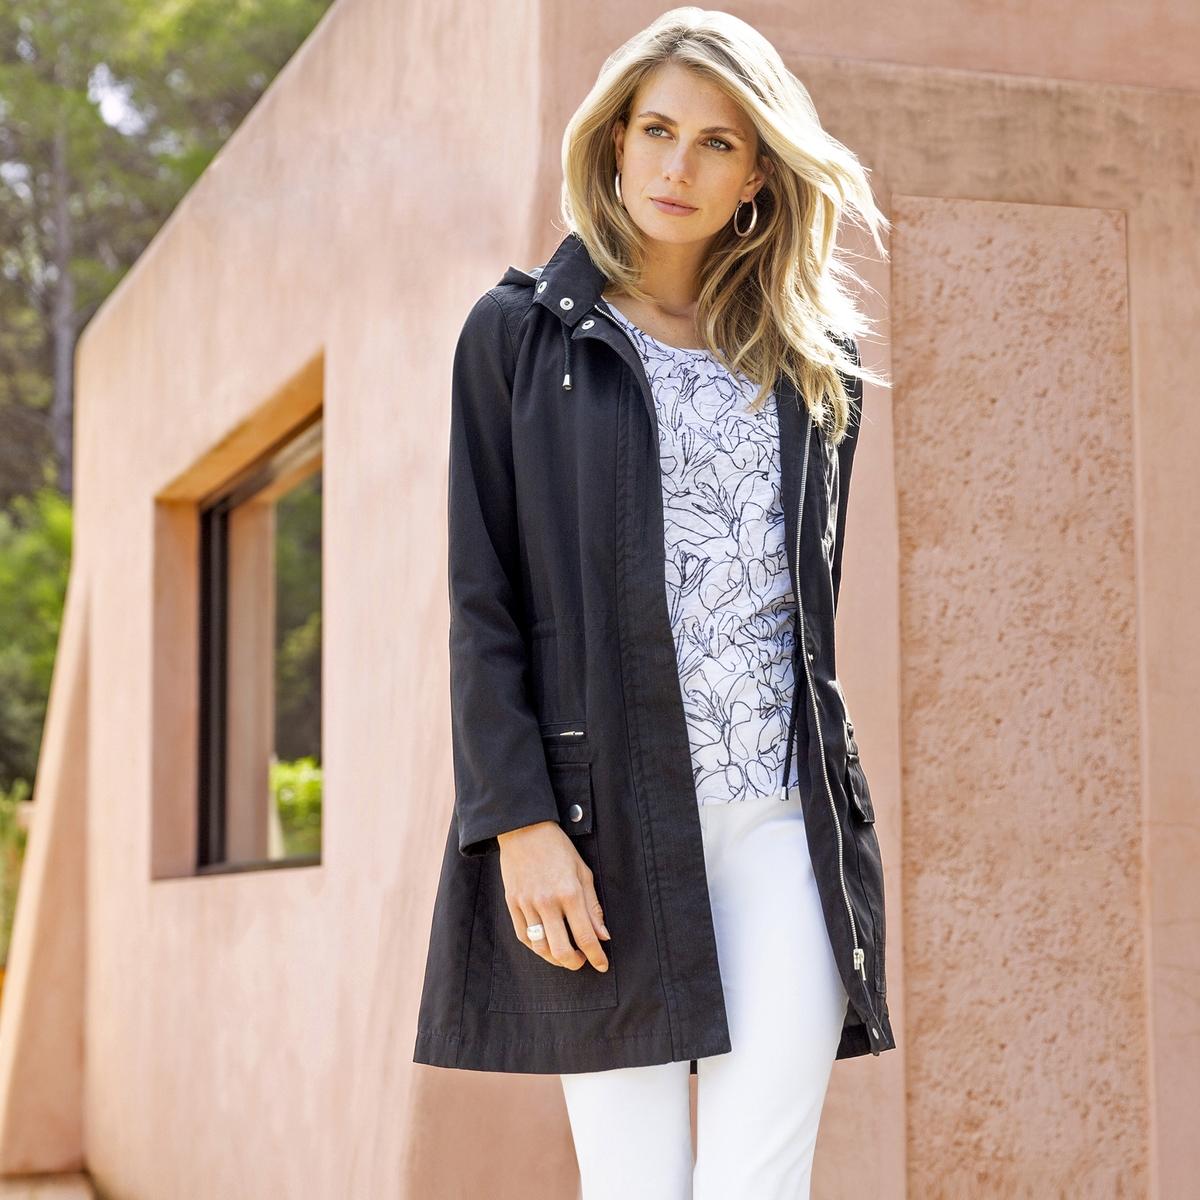 Imagen adicional 2 de producto de Pantalón recto de 5 bolsillos de algodón stretch - Anne weyburn